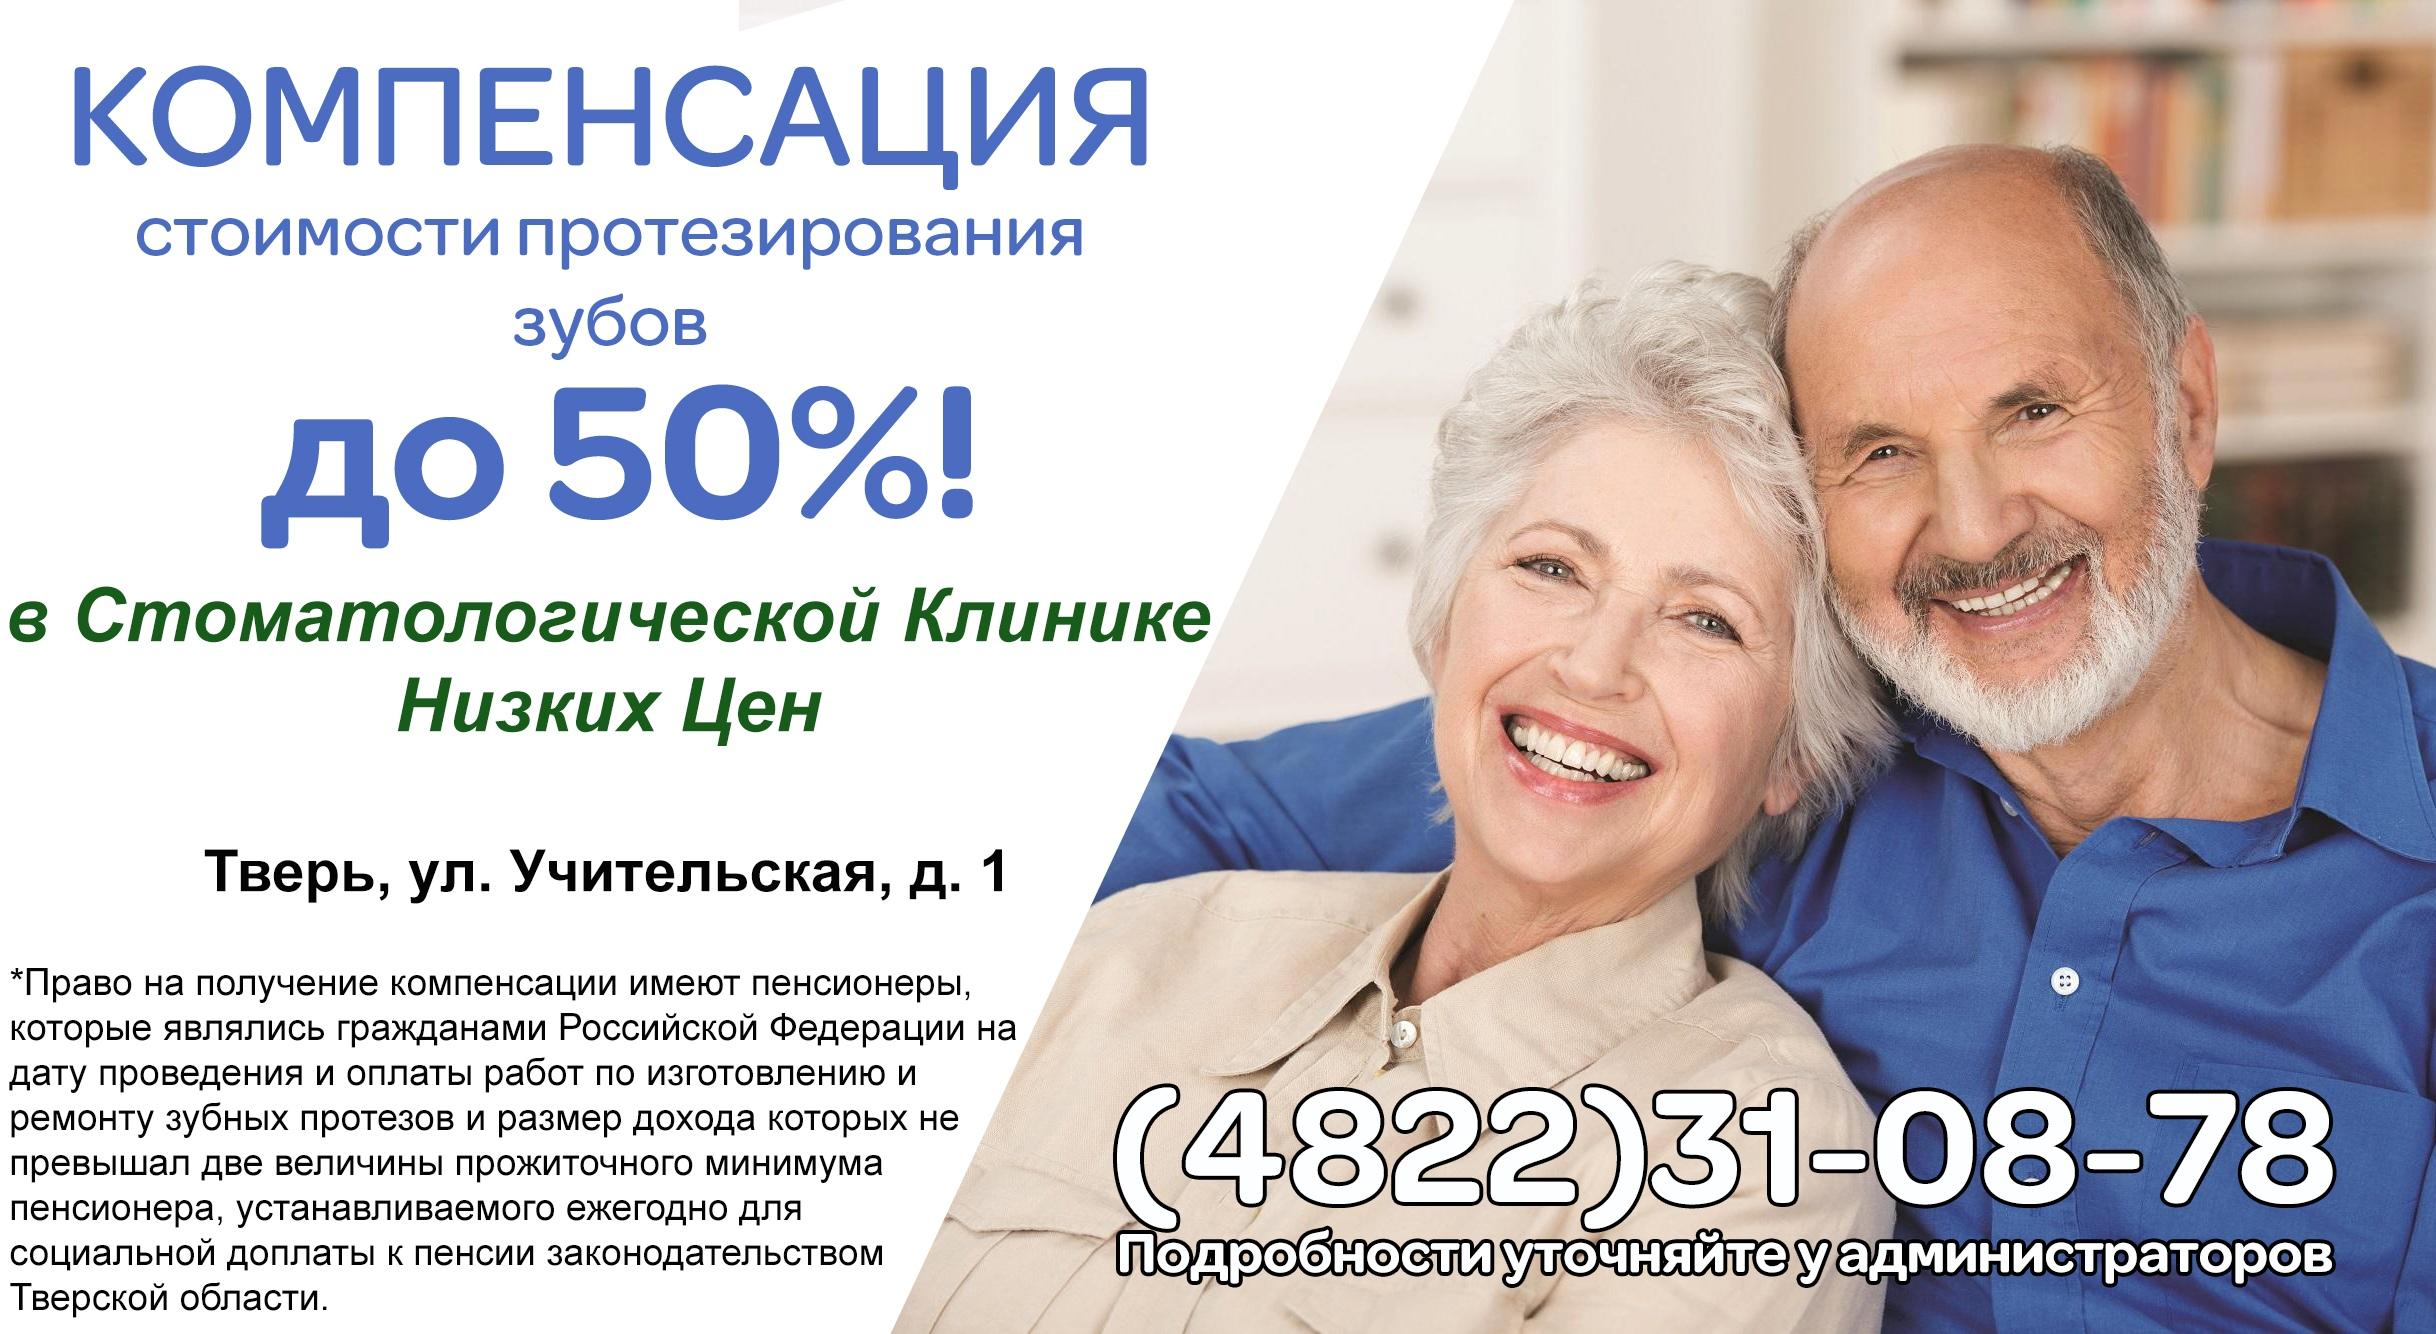 Протезирование для пенсионеров